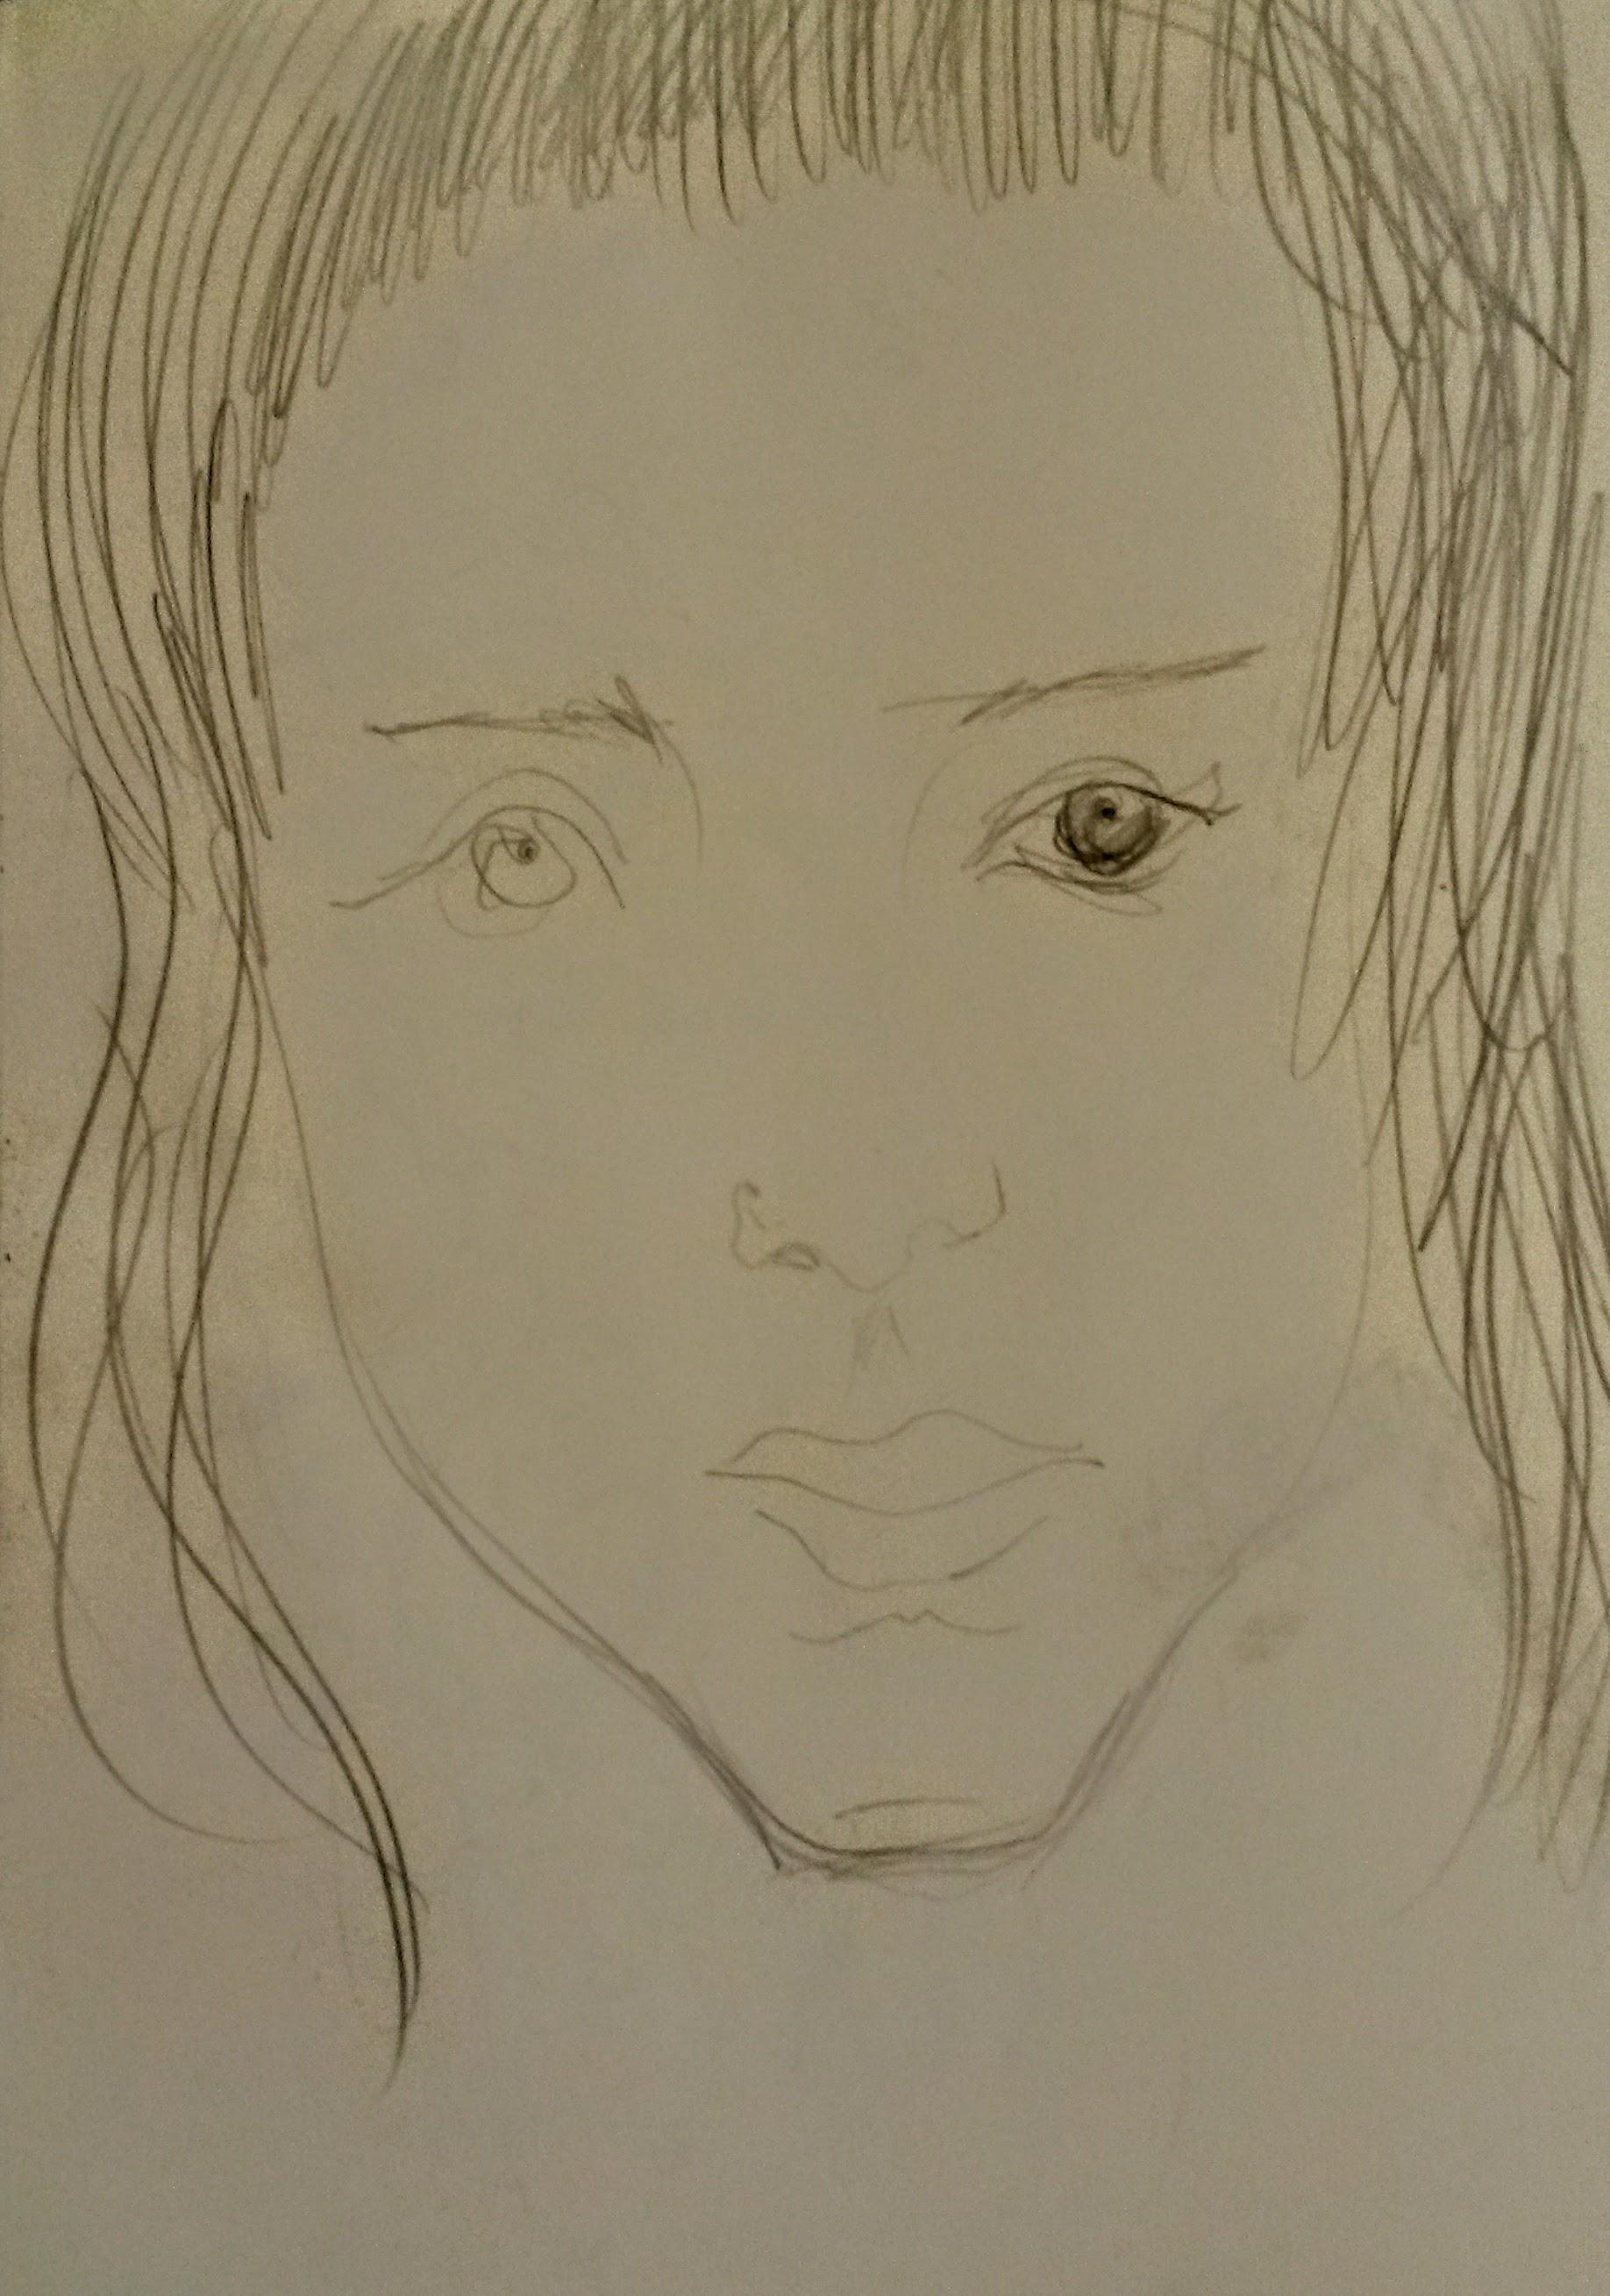 | sketch | Nezha |